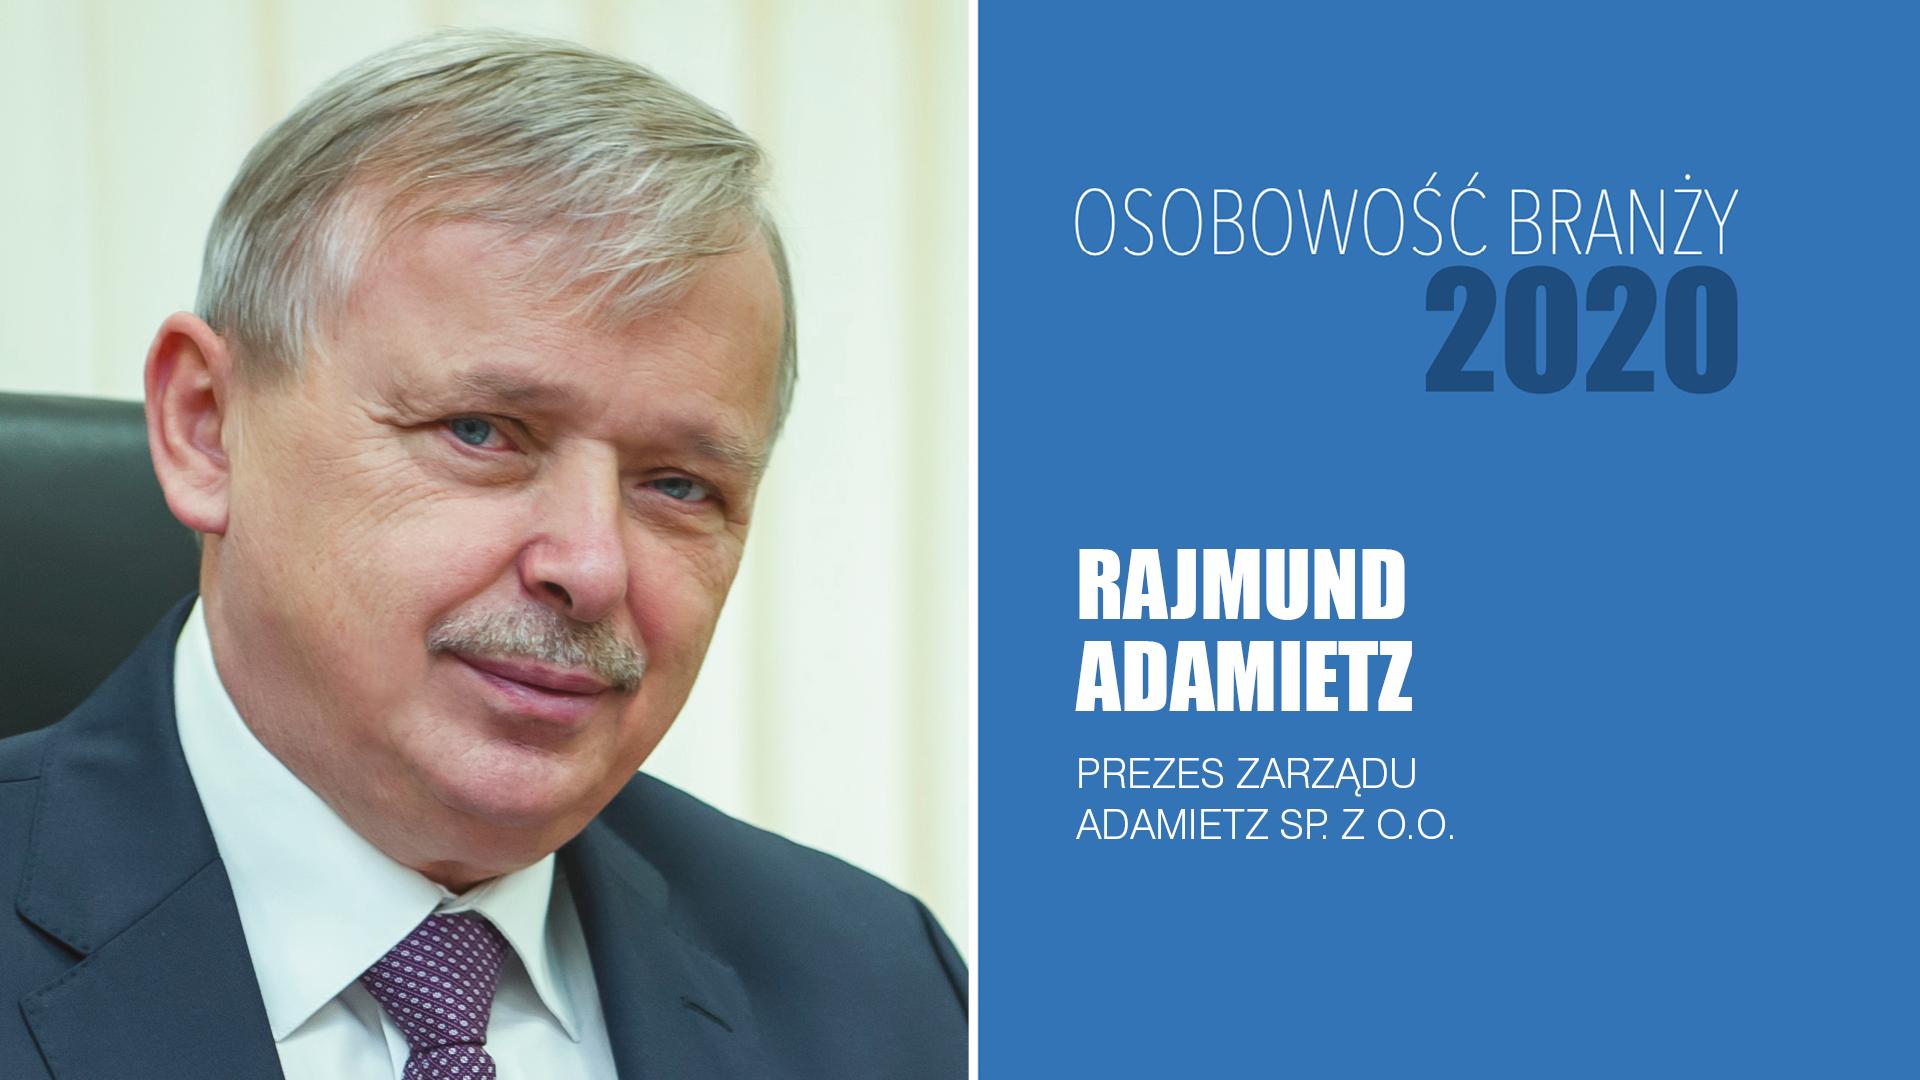 RAJMUND ADAMIETZ – Osobowość Branży 2020